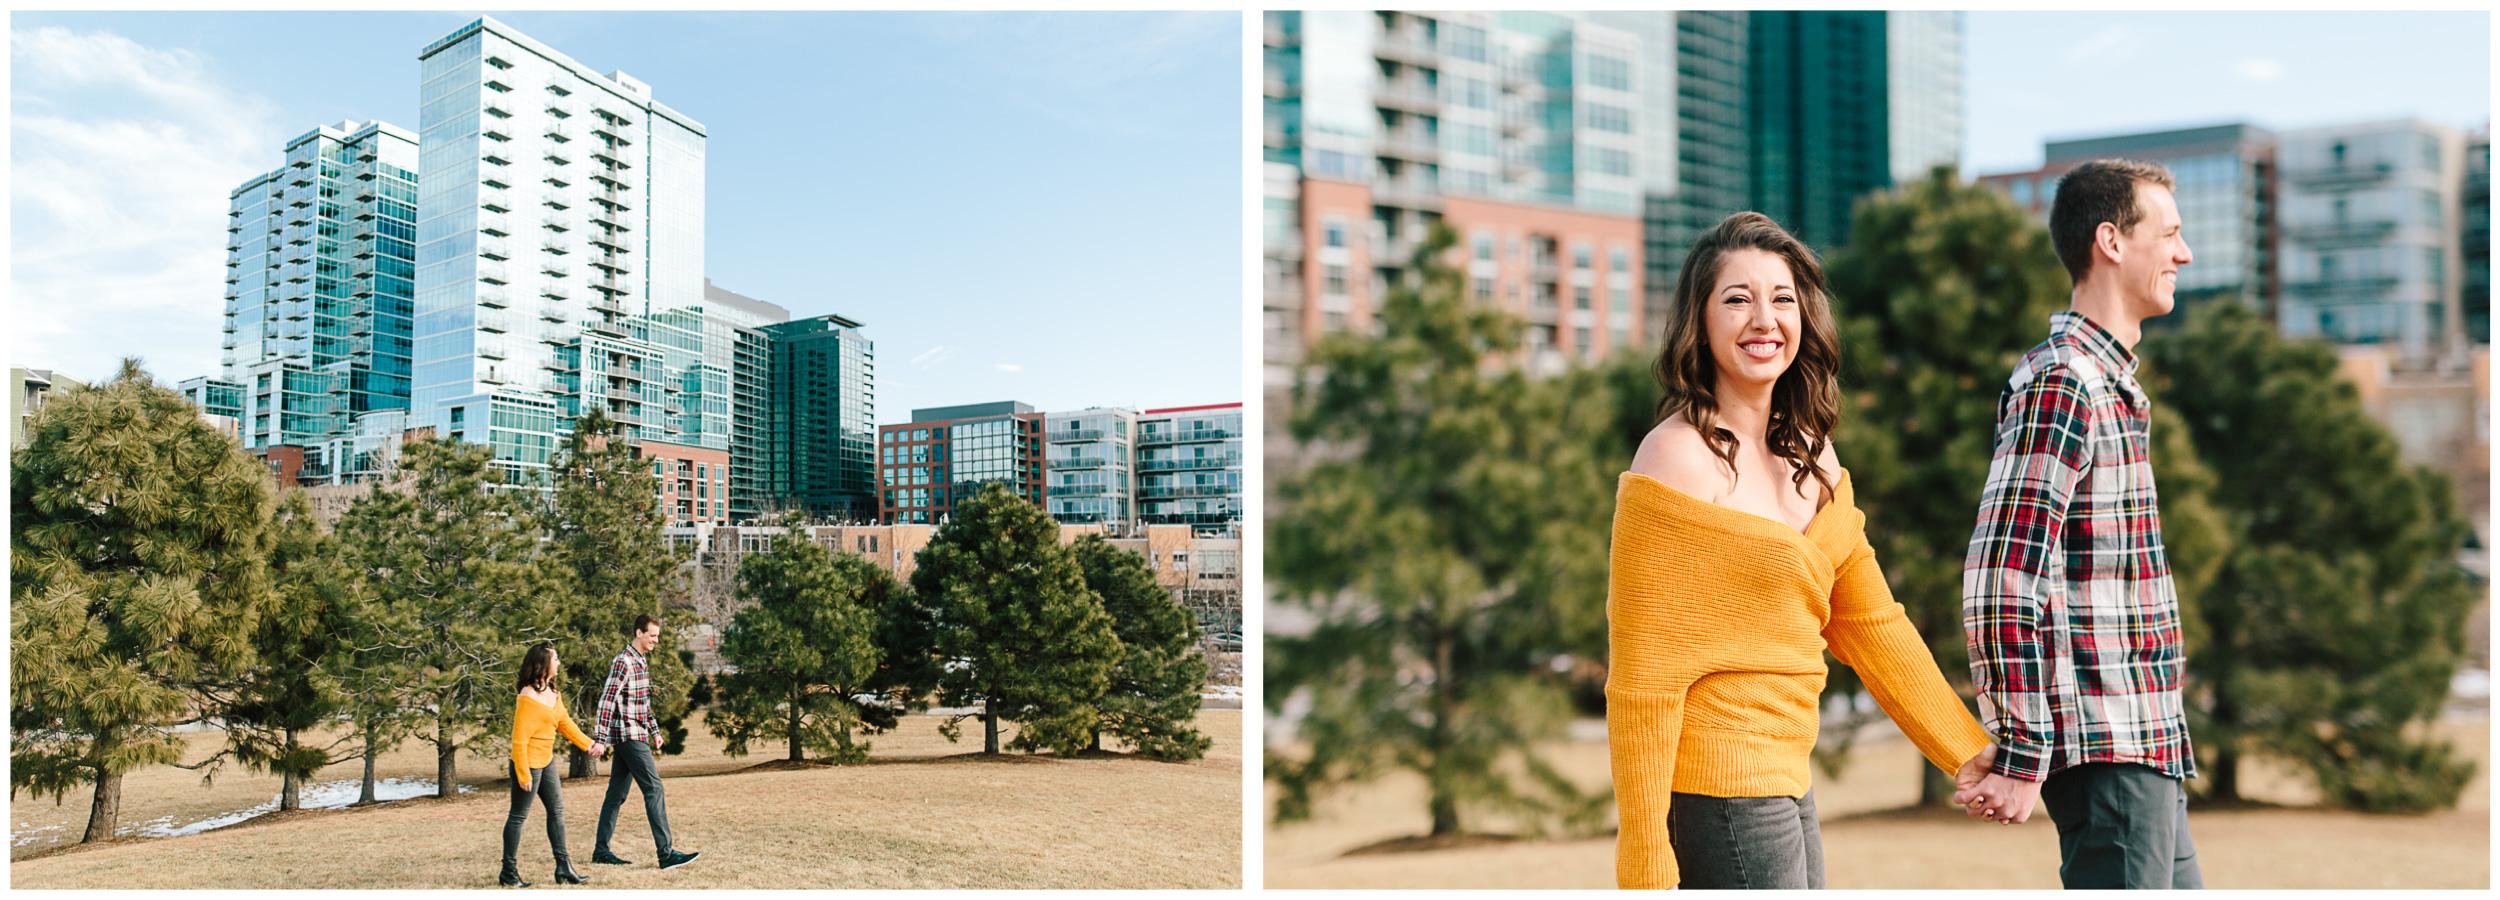 Denver_Colorado_Engagement_4.jpg